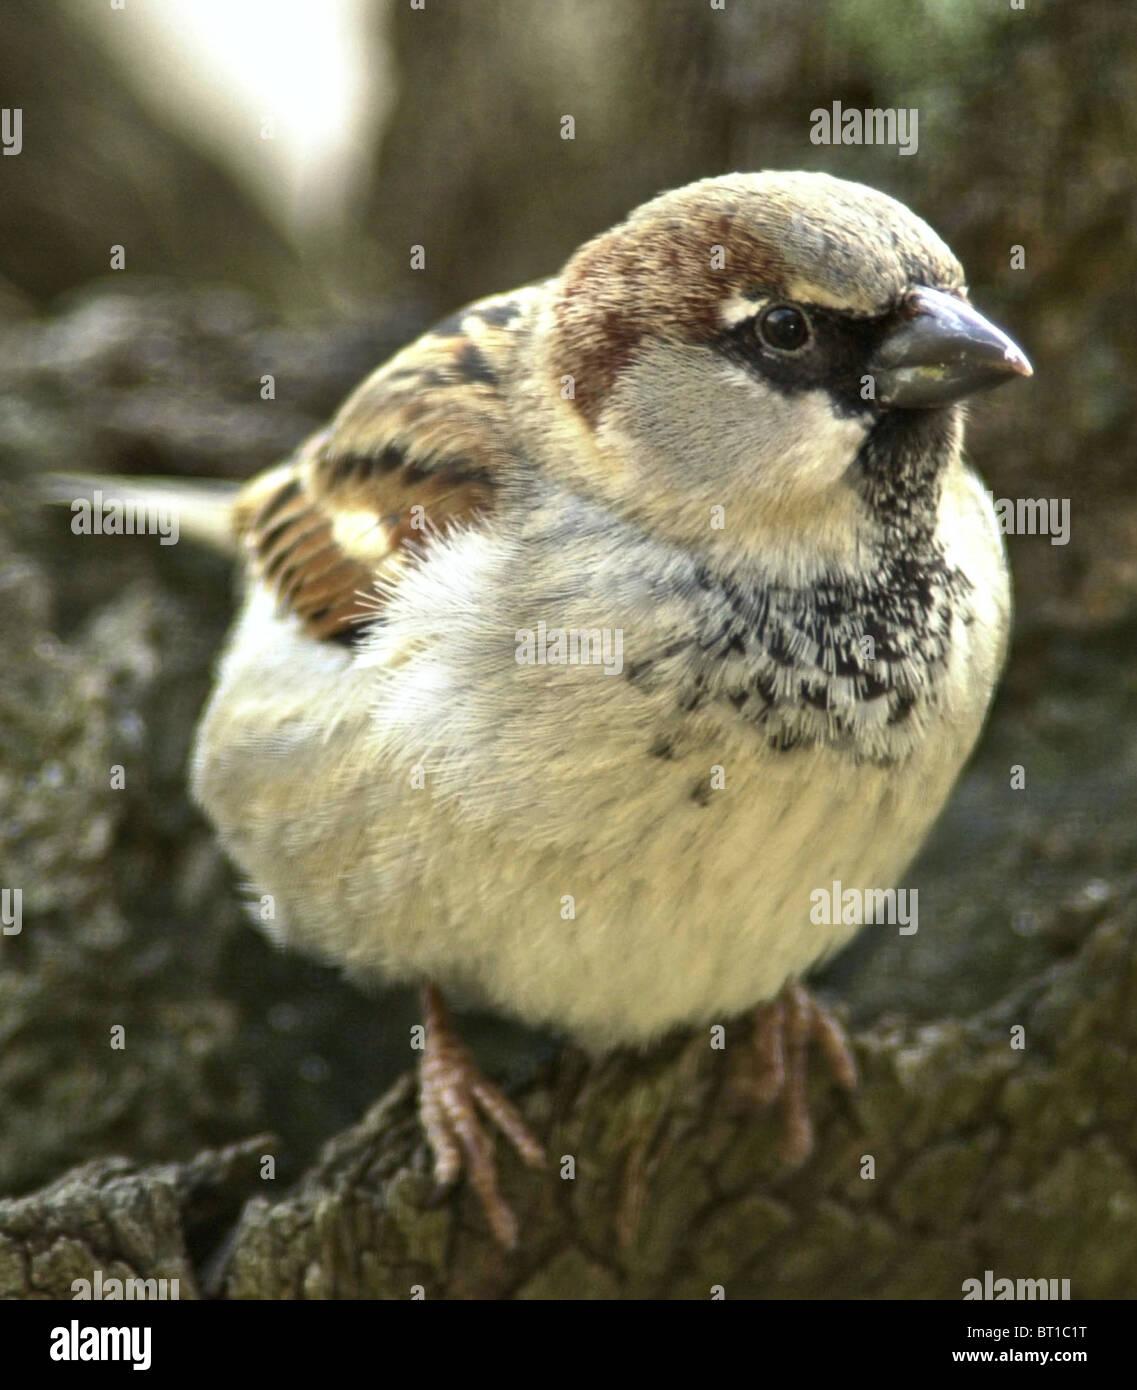 Gorrión gorrión (Passer domesticus) Bien amados pájaros británica ahora en serio declive. Los jóvenes varones. Foto de stock